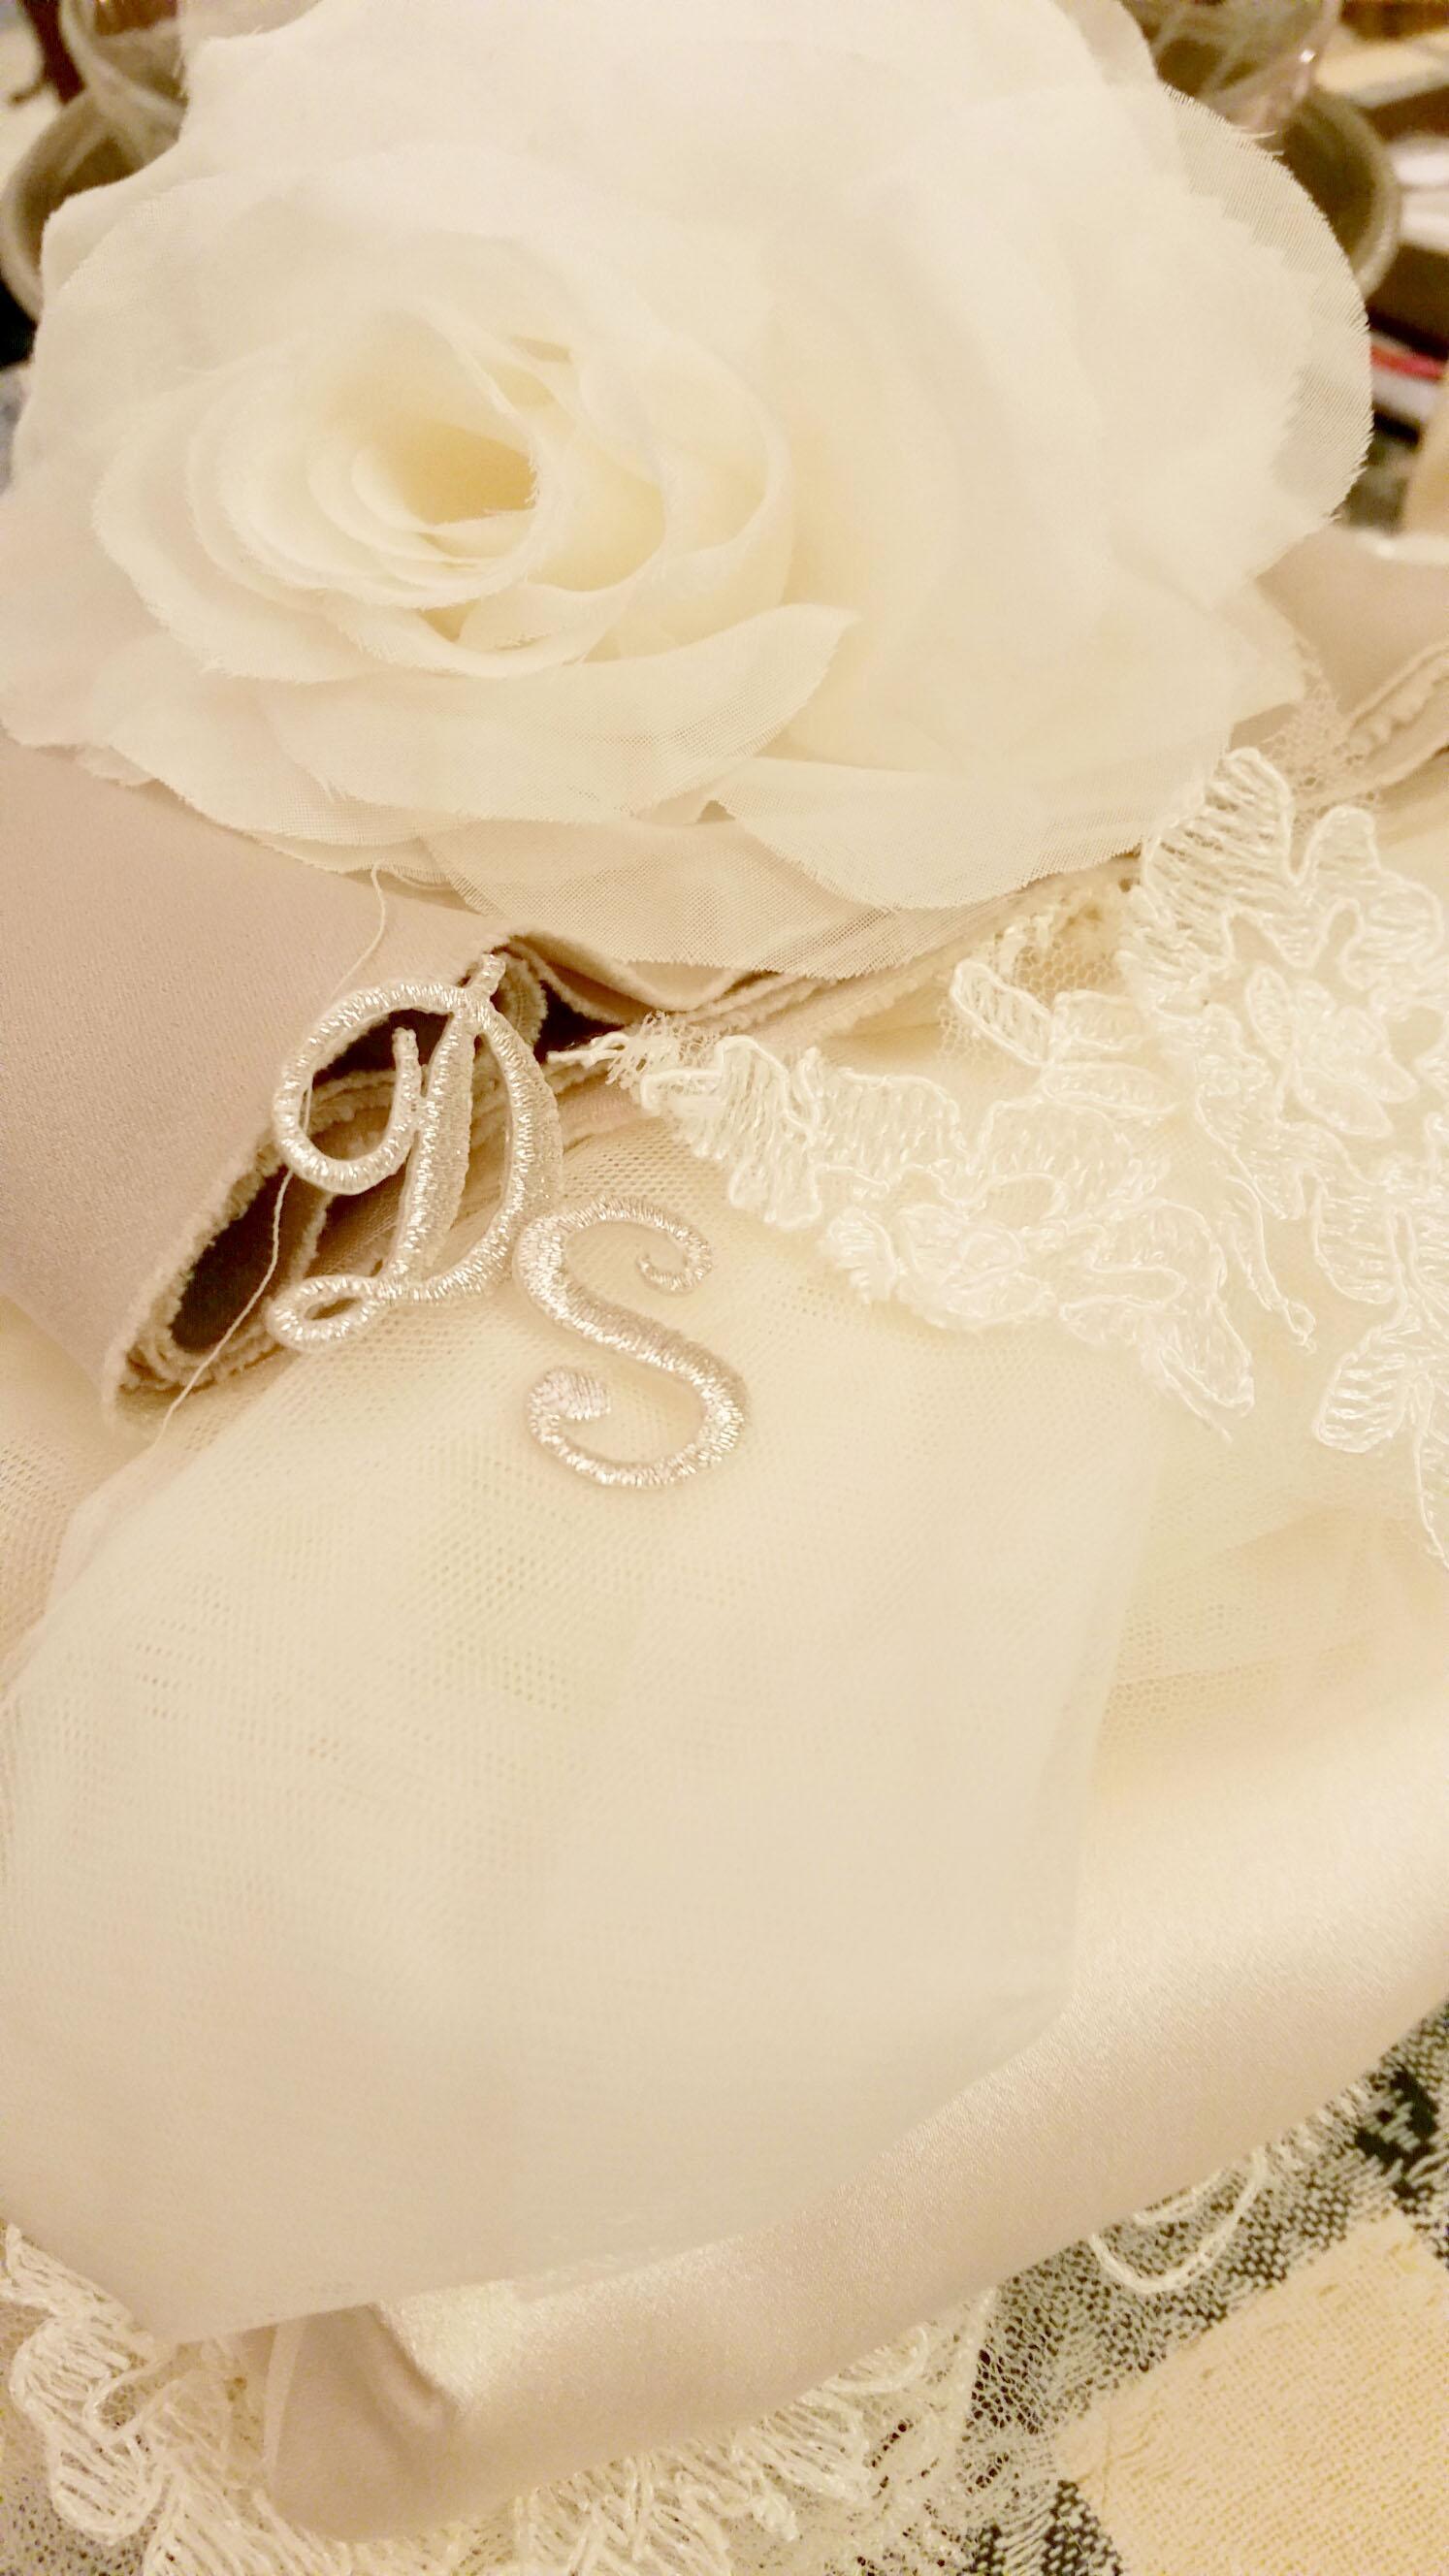 Matrimonio Tema Tessuti : Abiti da sposa premaman per matrimonio a tema musica sr